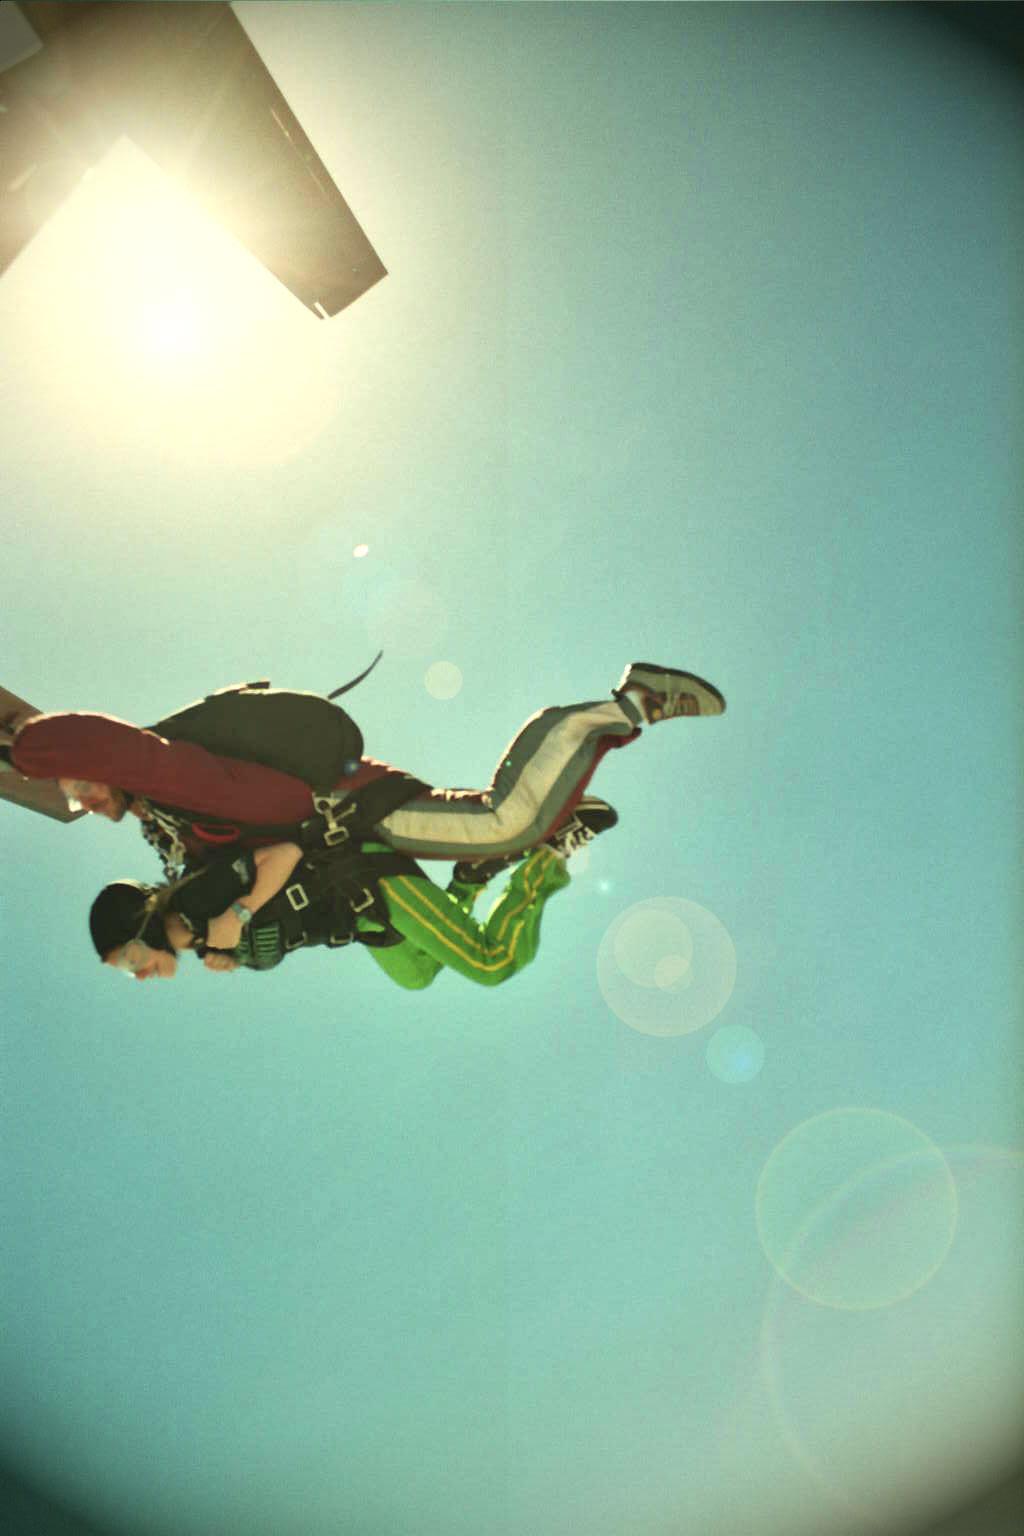 Skydiving by Skydd